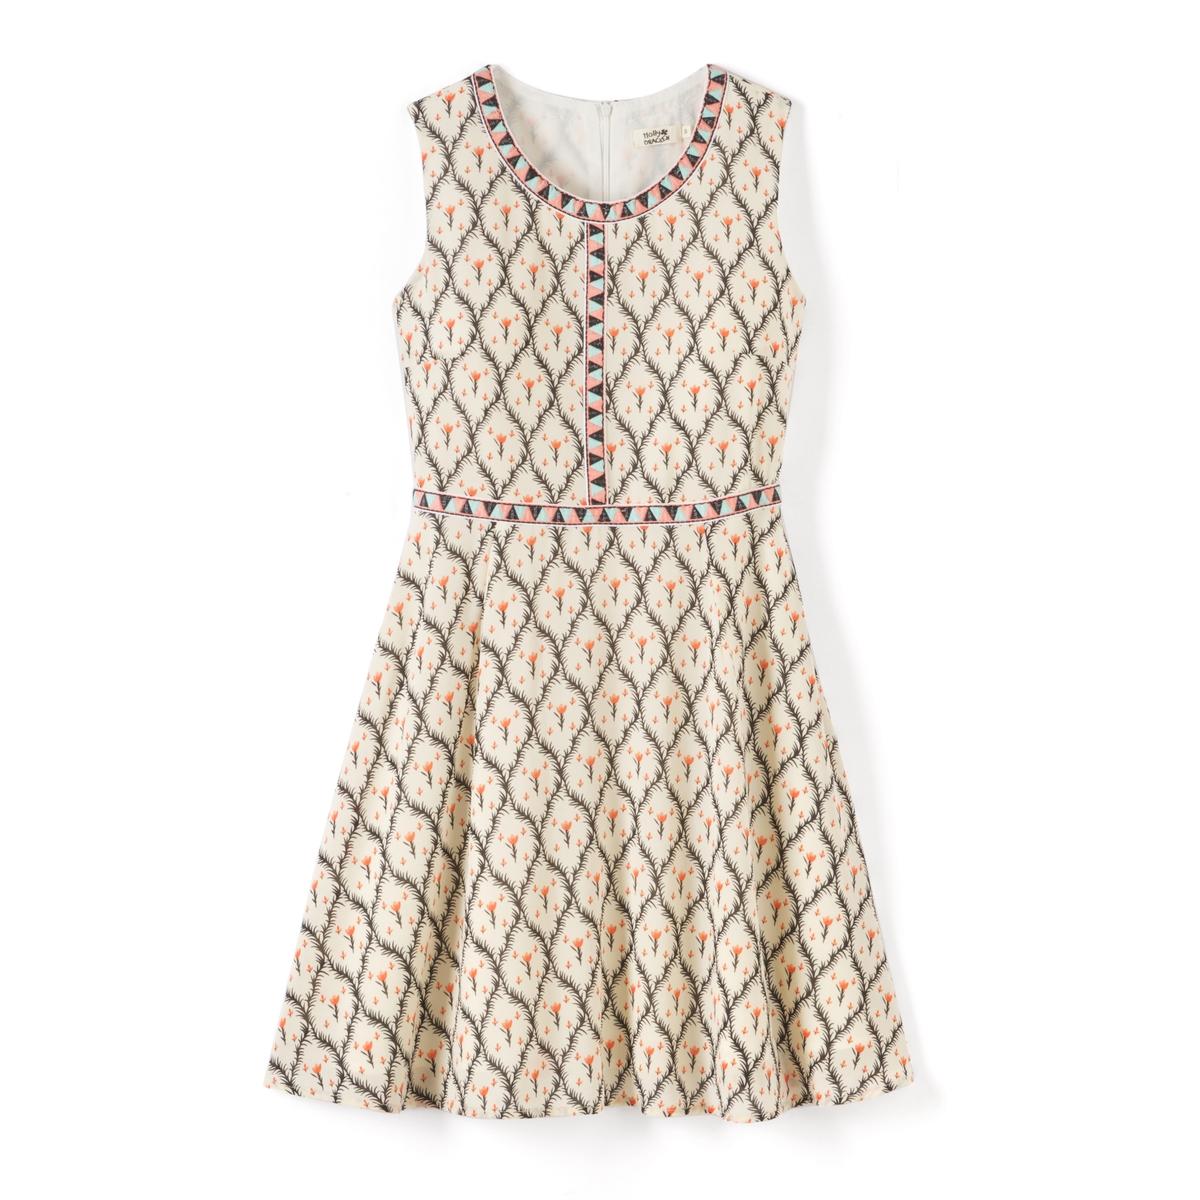 Платье без рукавов с геометрическим рисункомМатериал : 100% полиэстер  Длина рукава : без рукавов  Форма воротника : Круглый вырез Покрой платья : расклешенное платье. Рисунок : принт.   Длина платья : короткое.<br><br>Цвет: рисунок/экрю